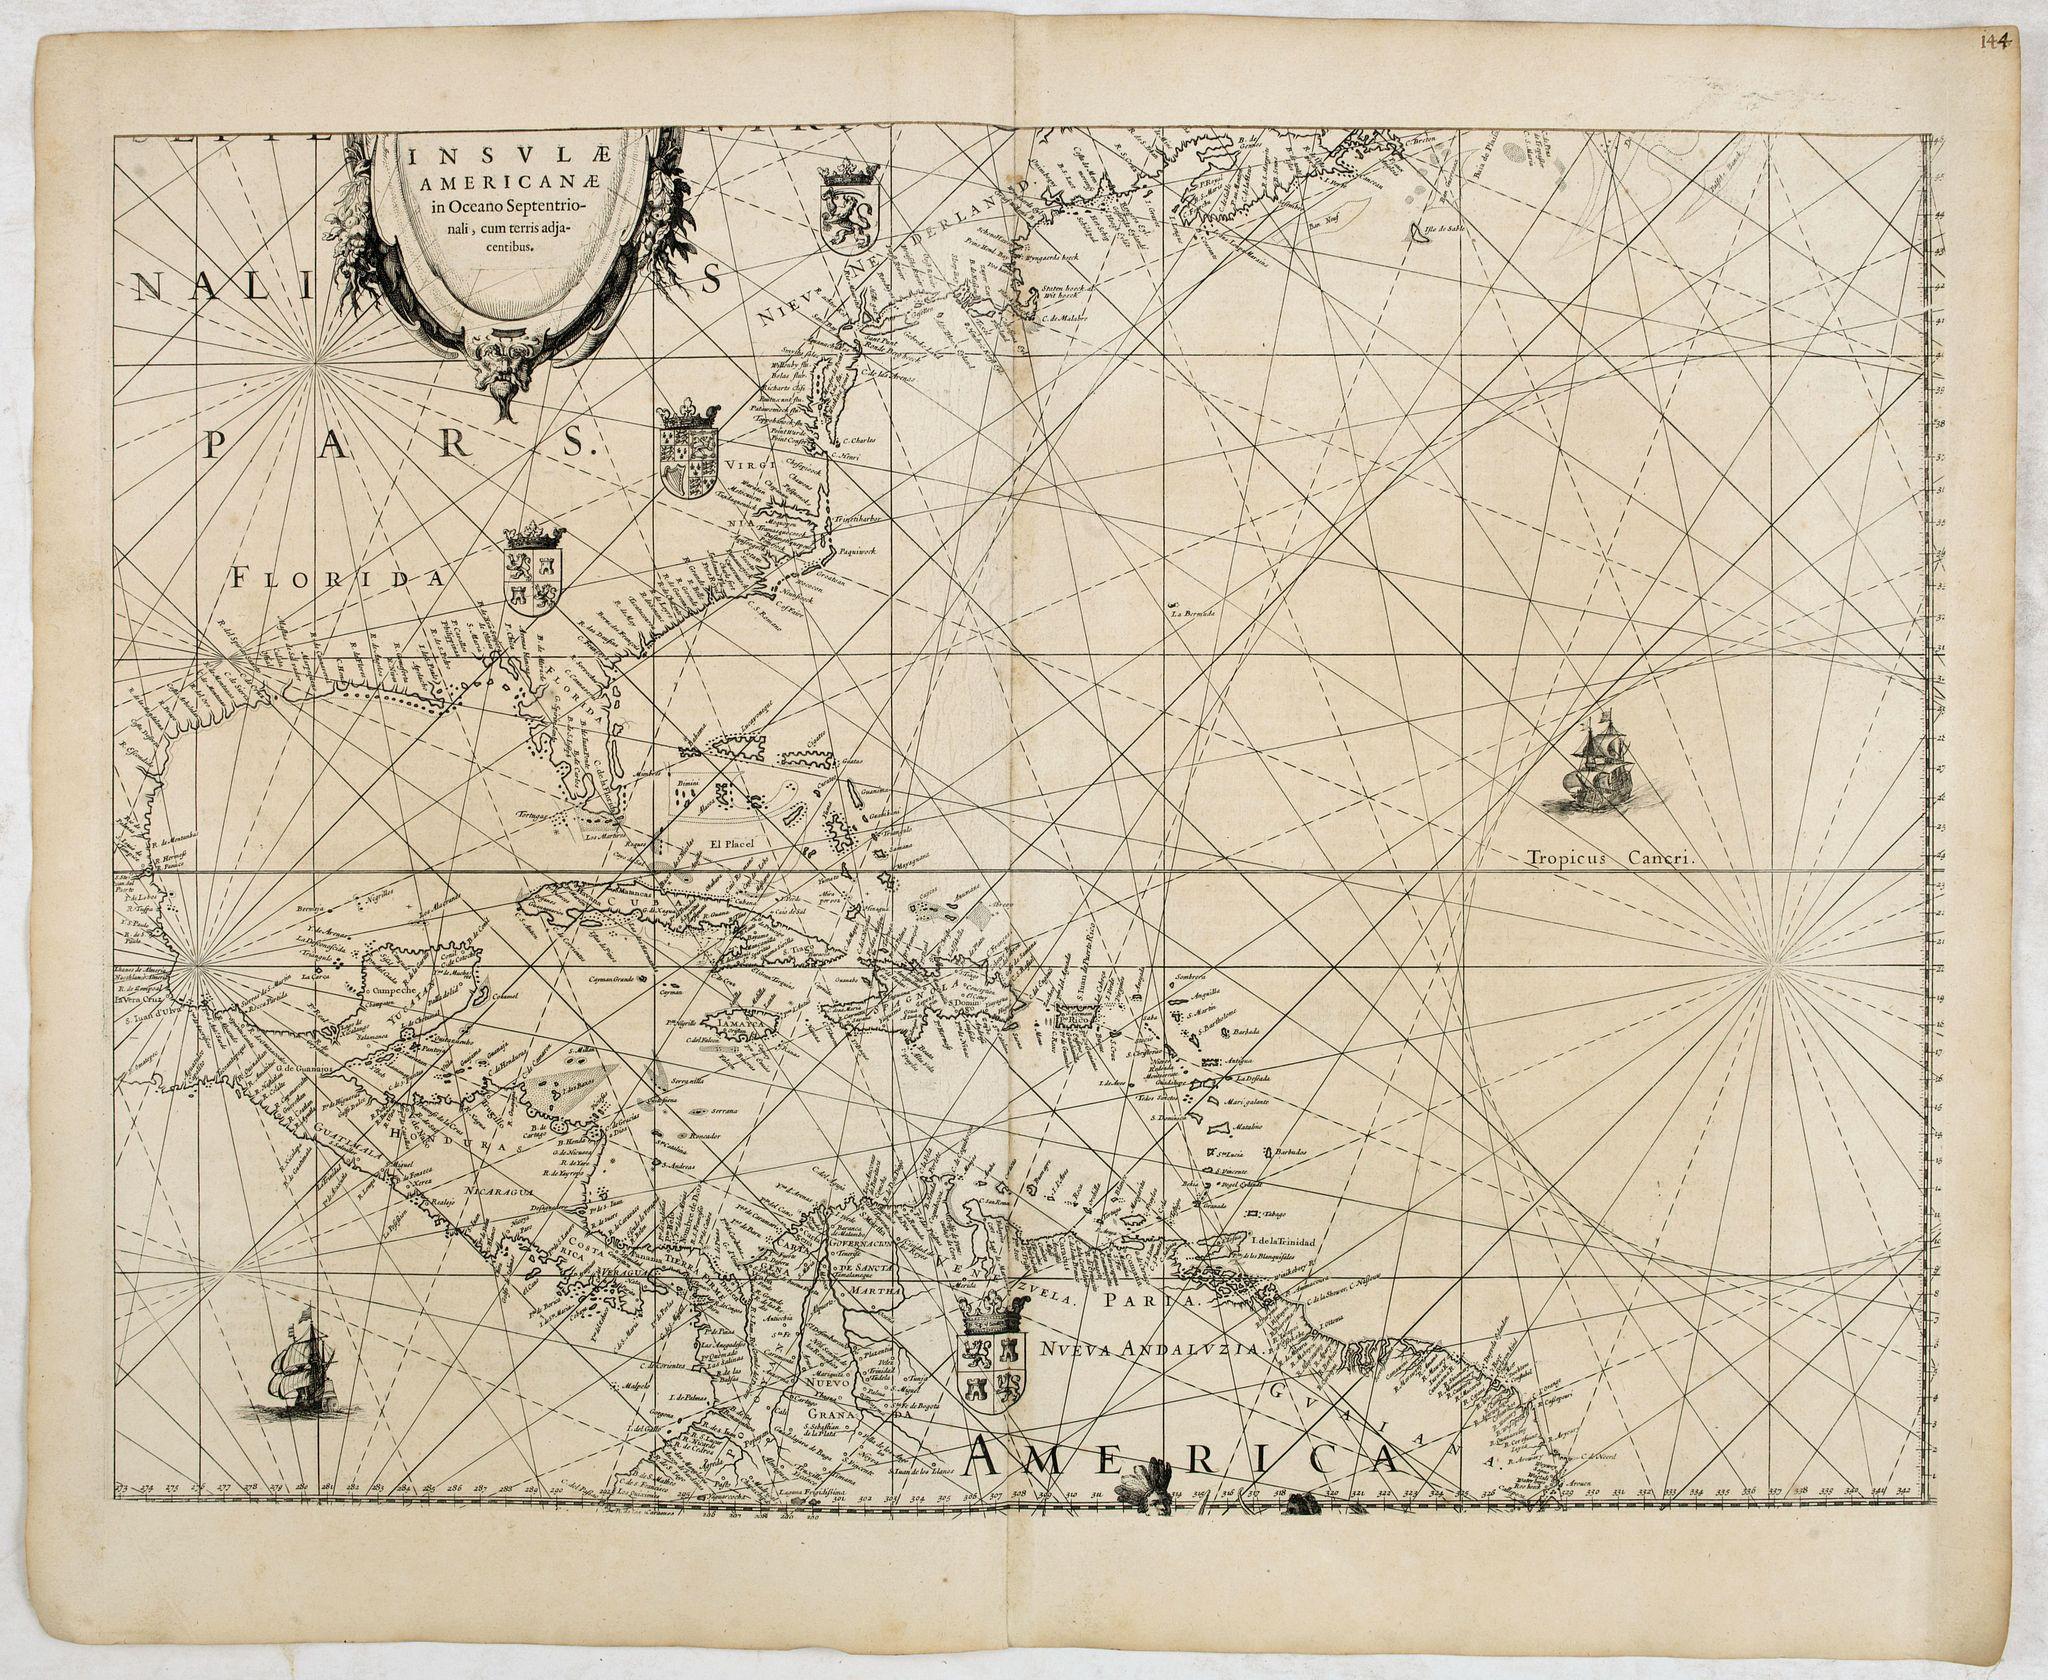 Blaeu's Theatrum Orbis Terrarum (1634)